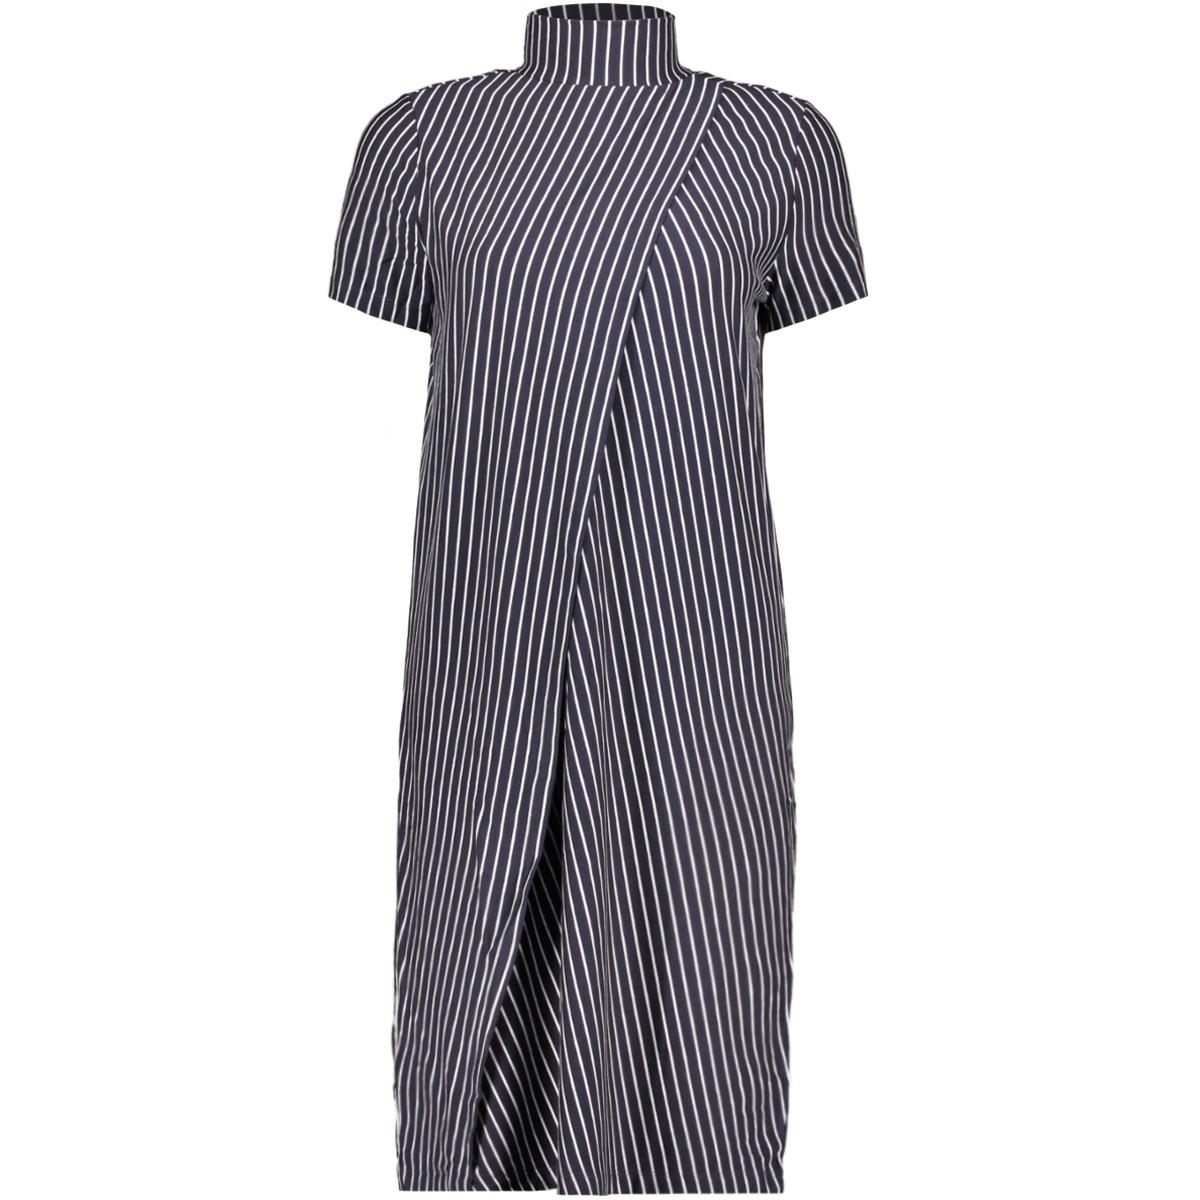 nmalana s/s stripe dress ssx7 27005162 noisy may jurk night sky/night sky